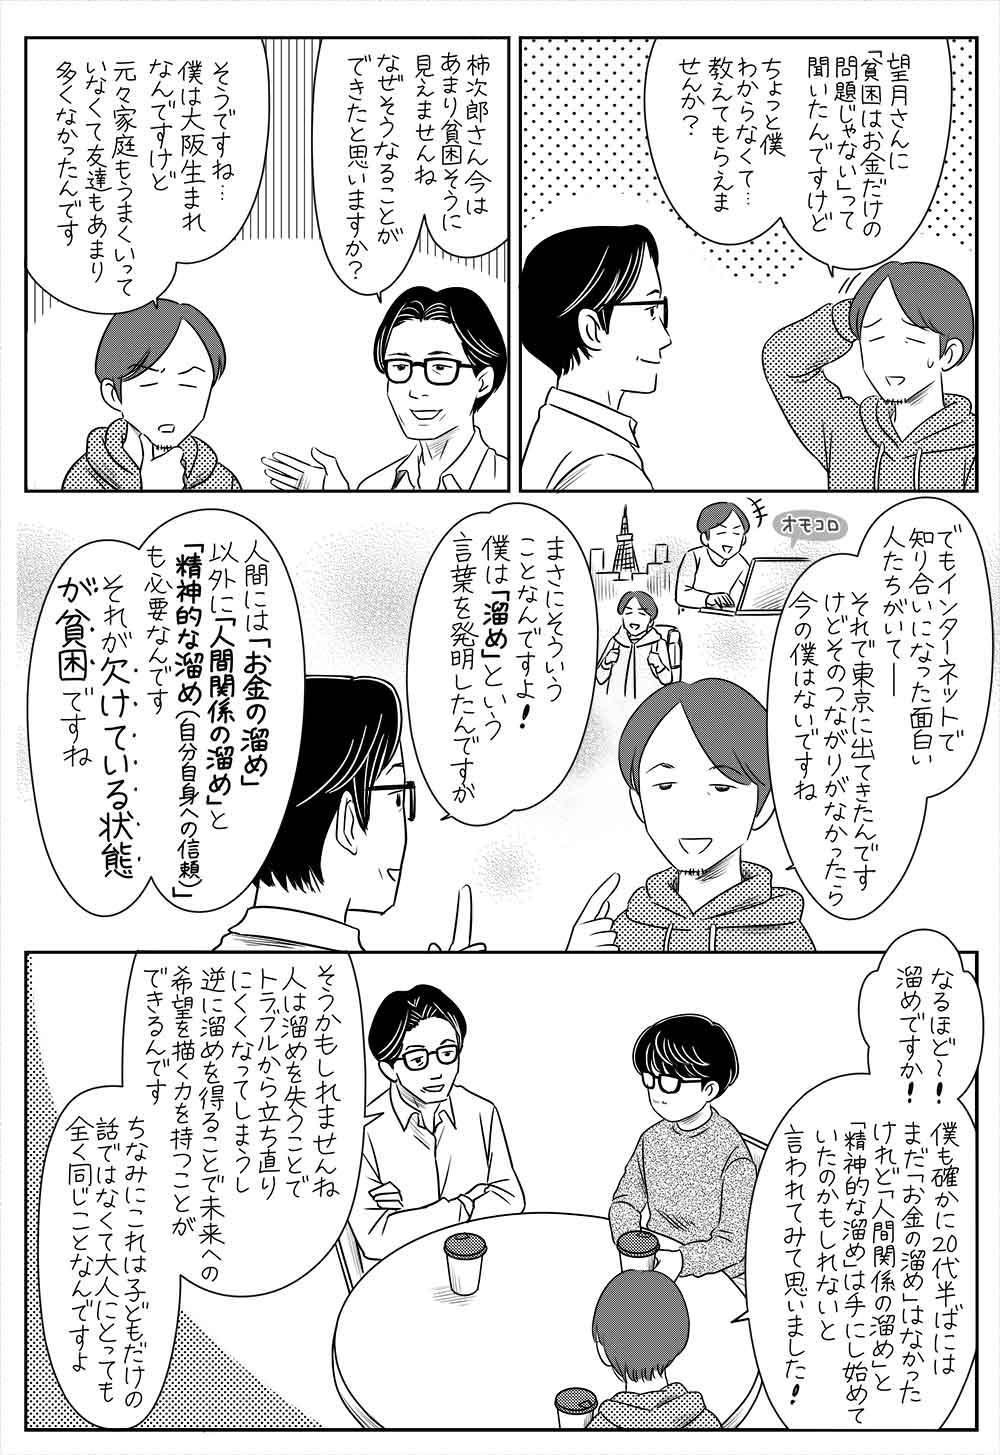 f:id:kakijiro:20170416171031j:plain